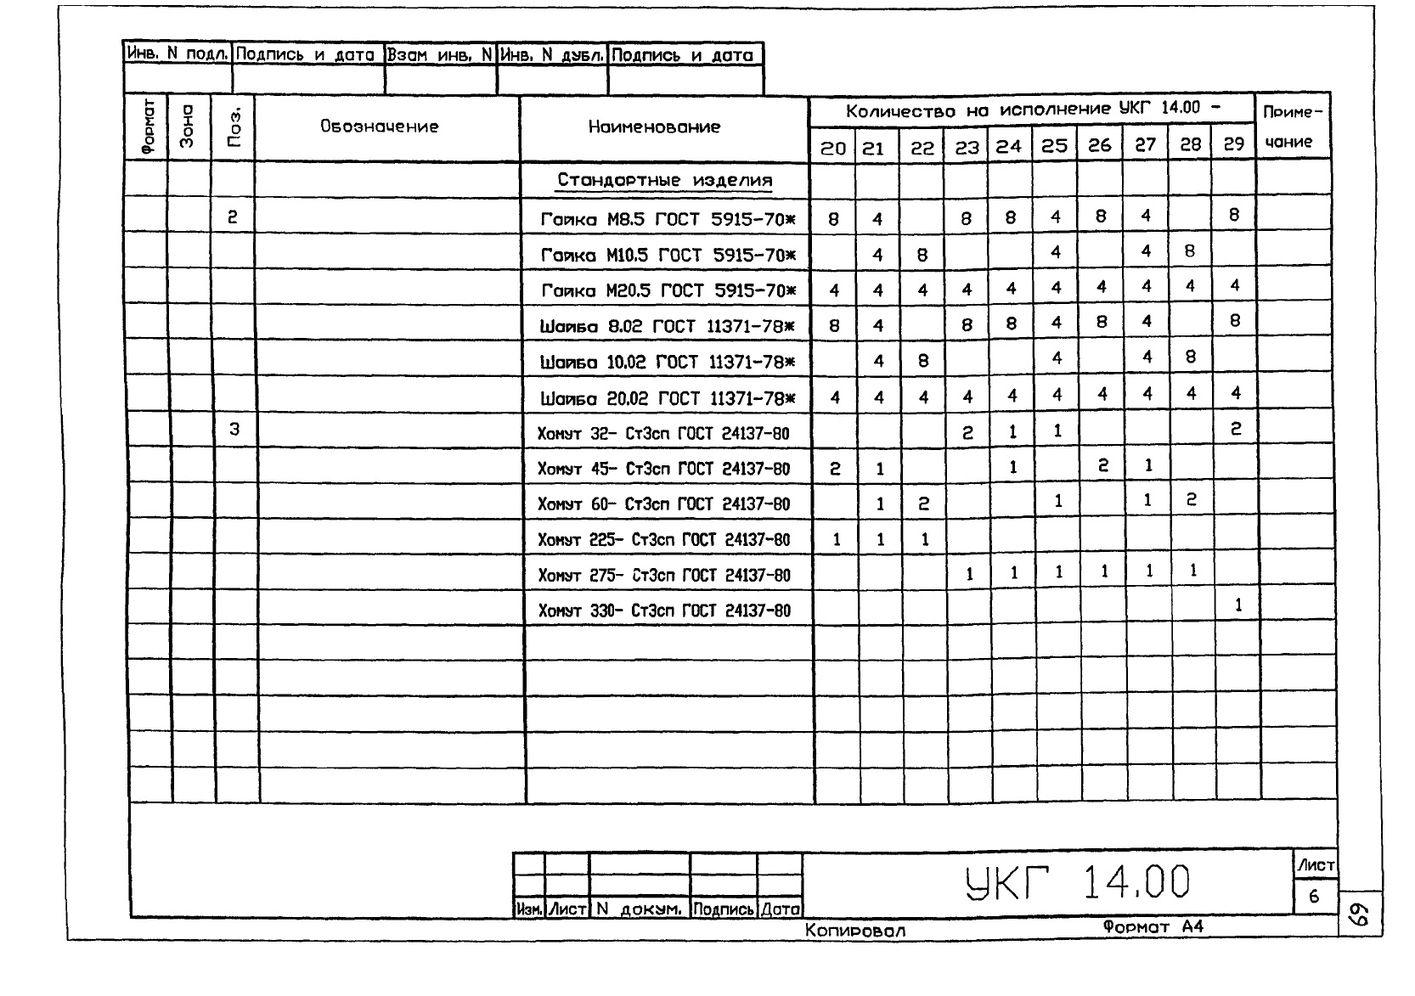 Крепление 2х (двух) вспомогательных газопроводов к основному УКГ 14.00 СБ серия 5.905-18.05 выпуск 1 стр.9